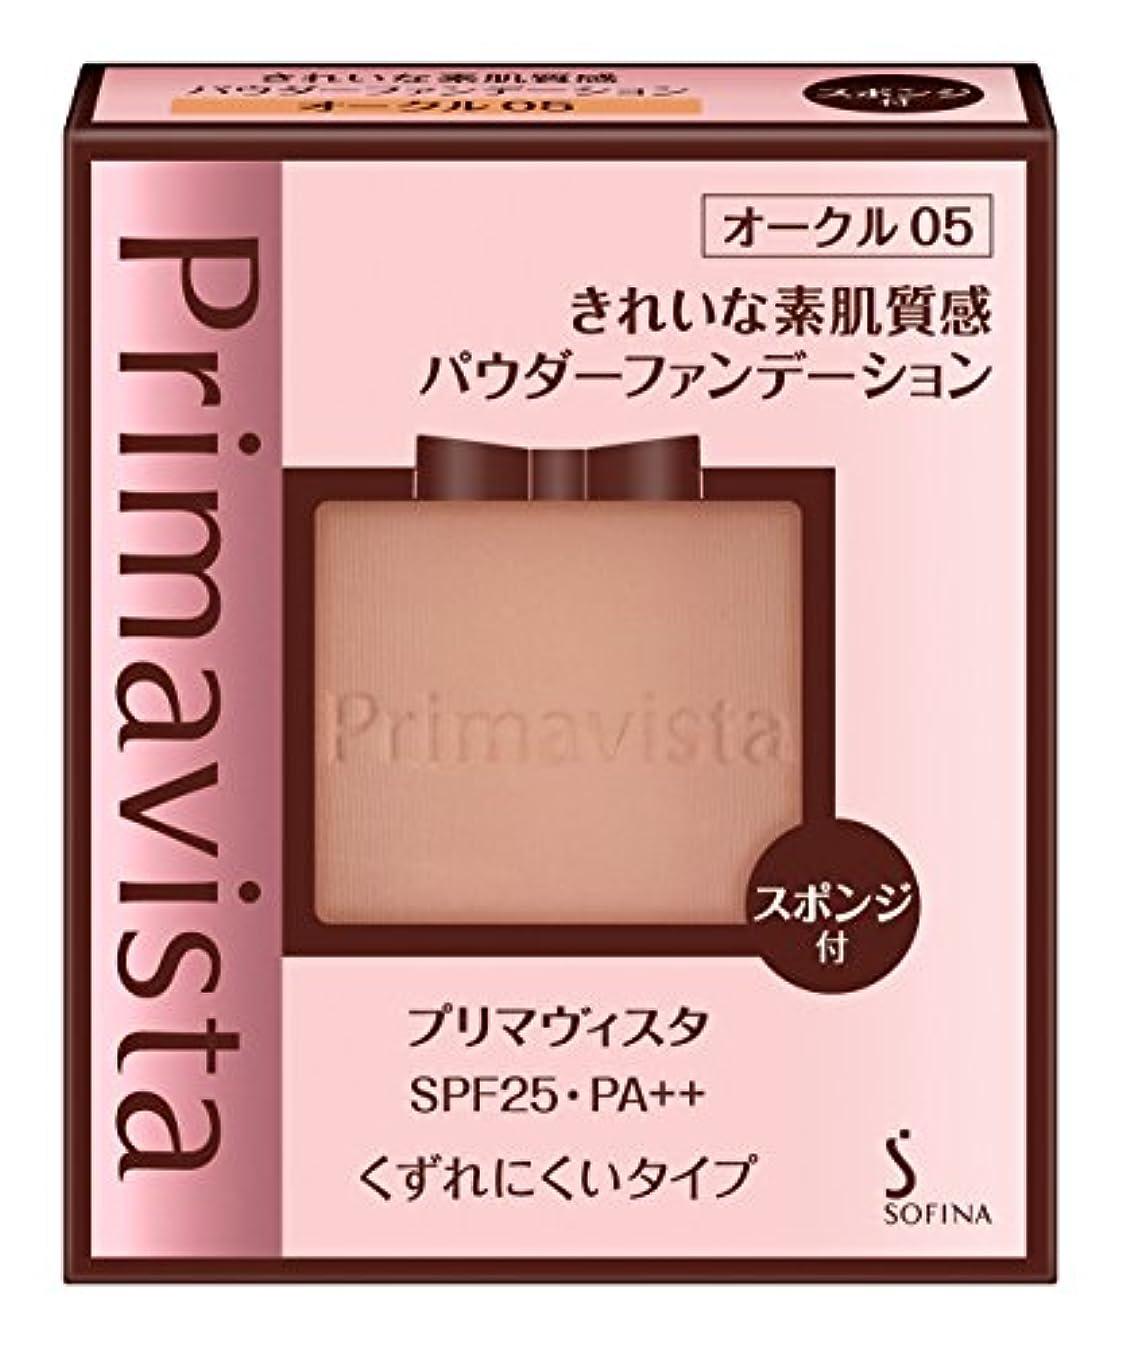 葡萄箱それらプリマヴィスタ きれいな素肌質感パウダーファンデーション オークル05 SPF25 PA++ 9g